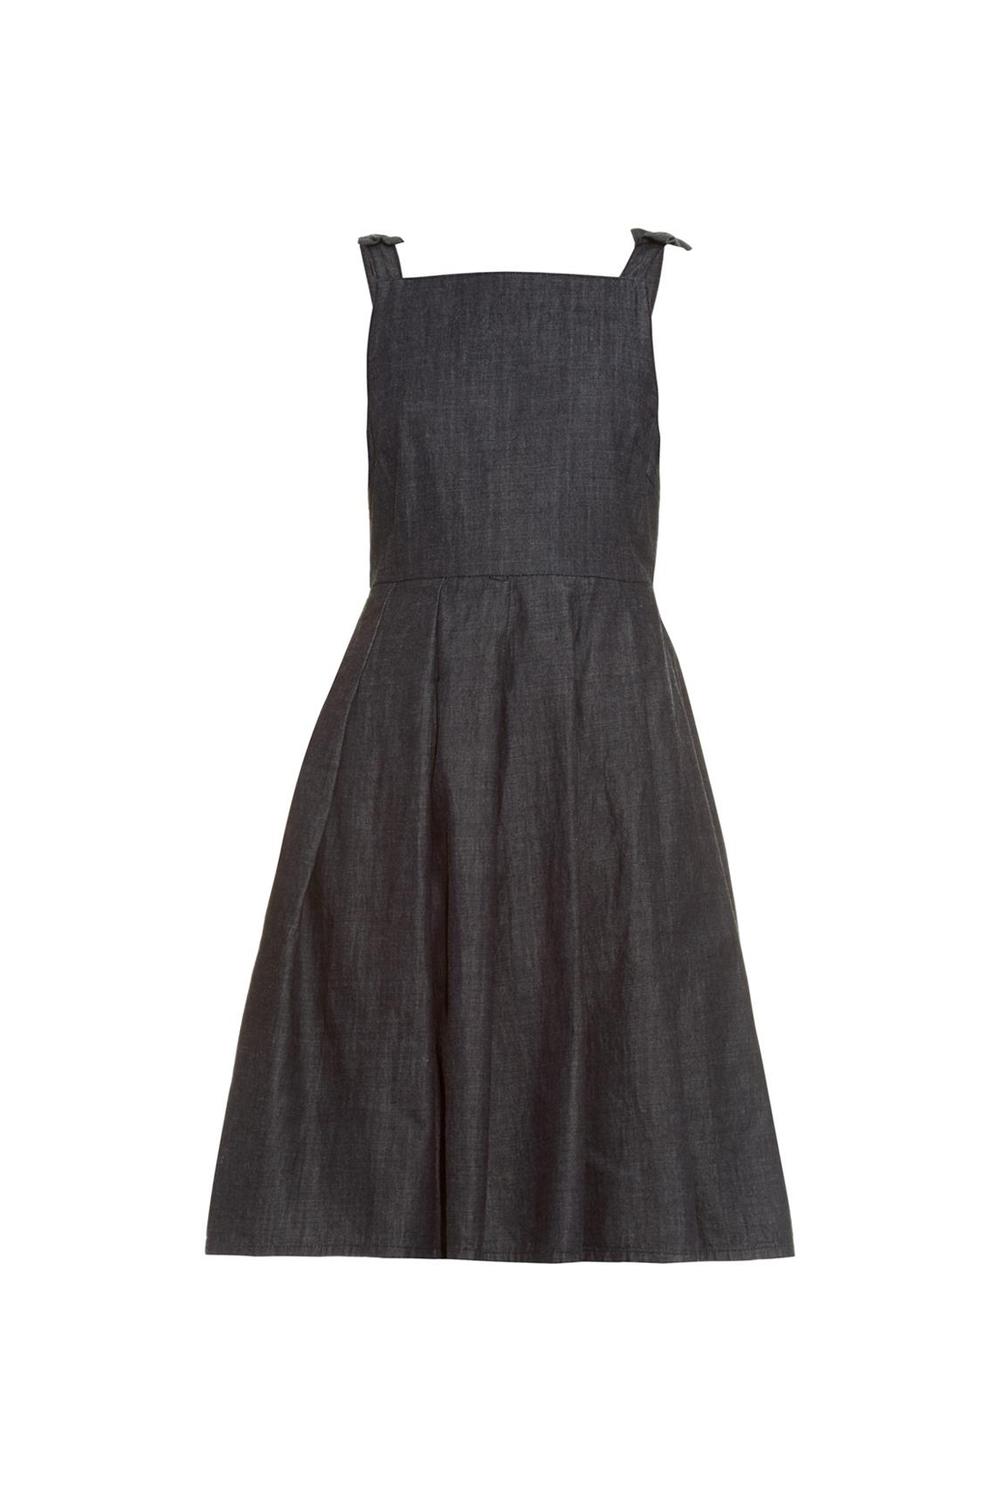 06-spring-denim-trends-dresses-05.jpg